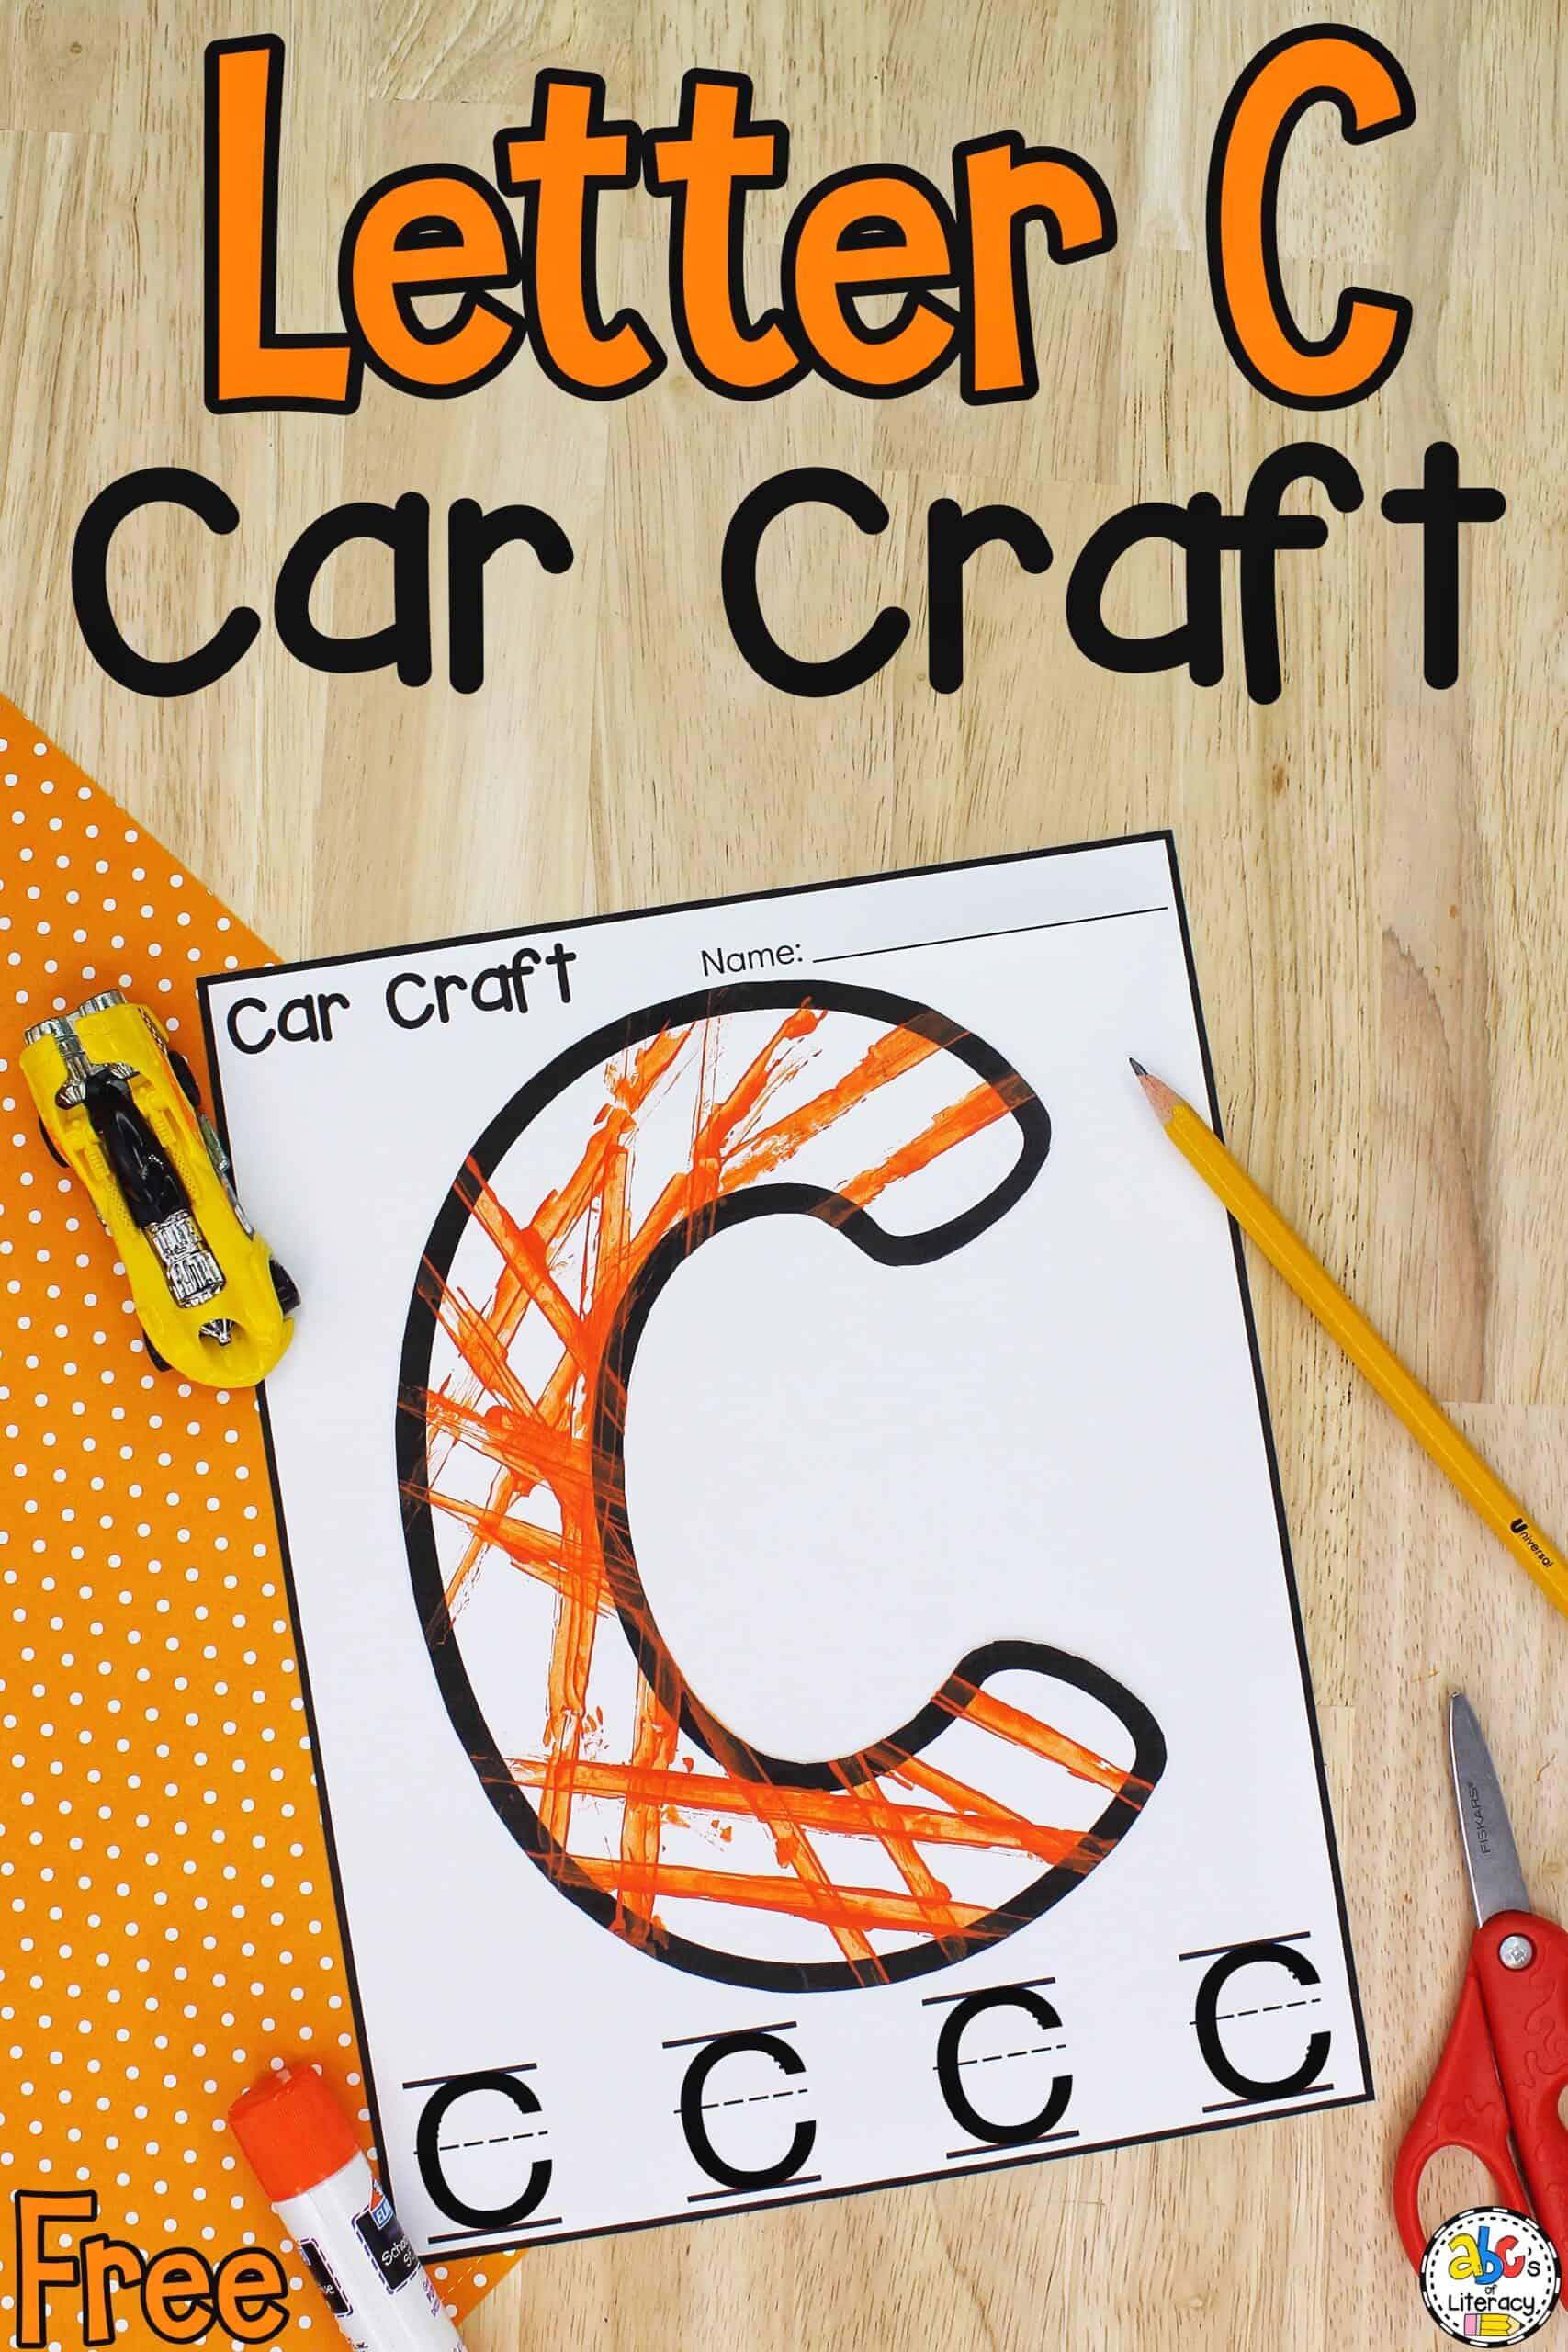 Letter C Car Craft